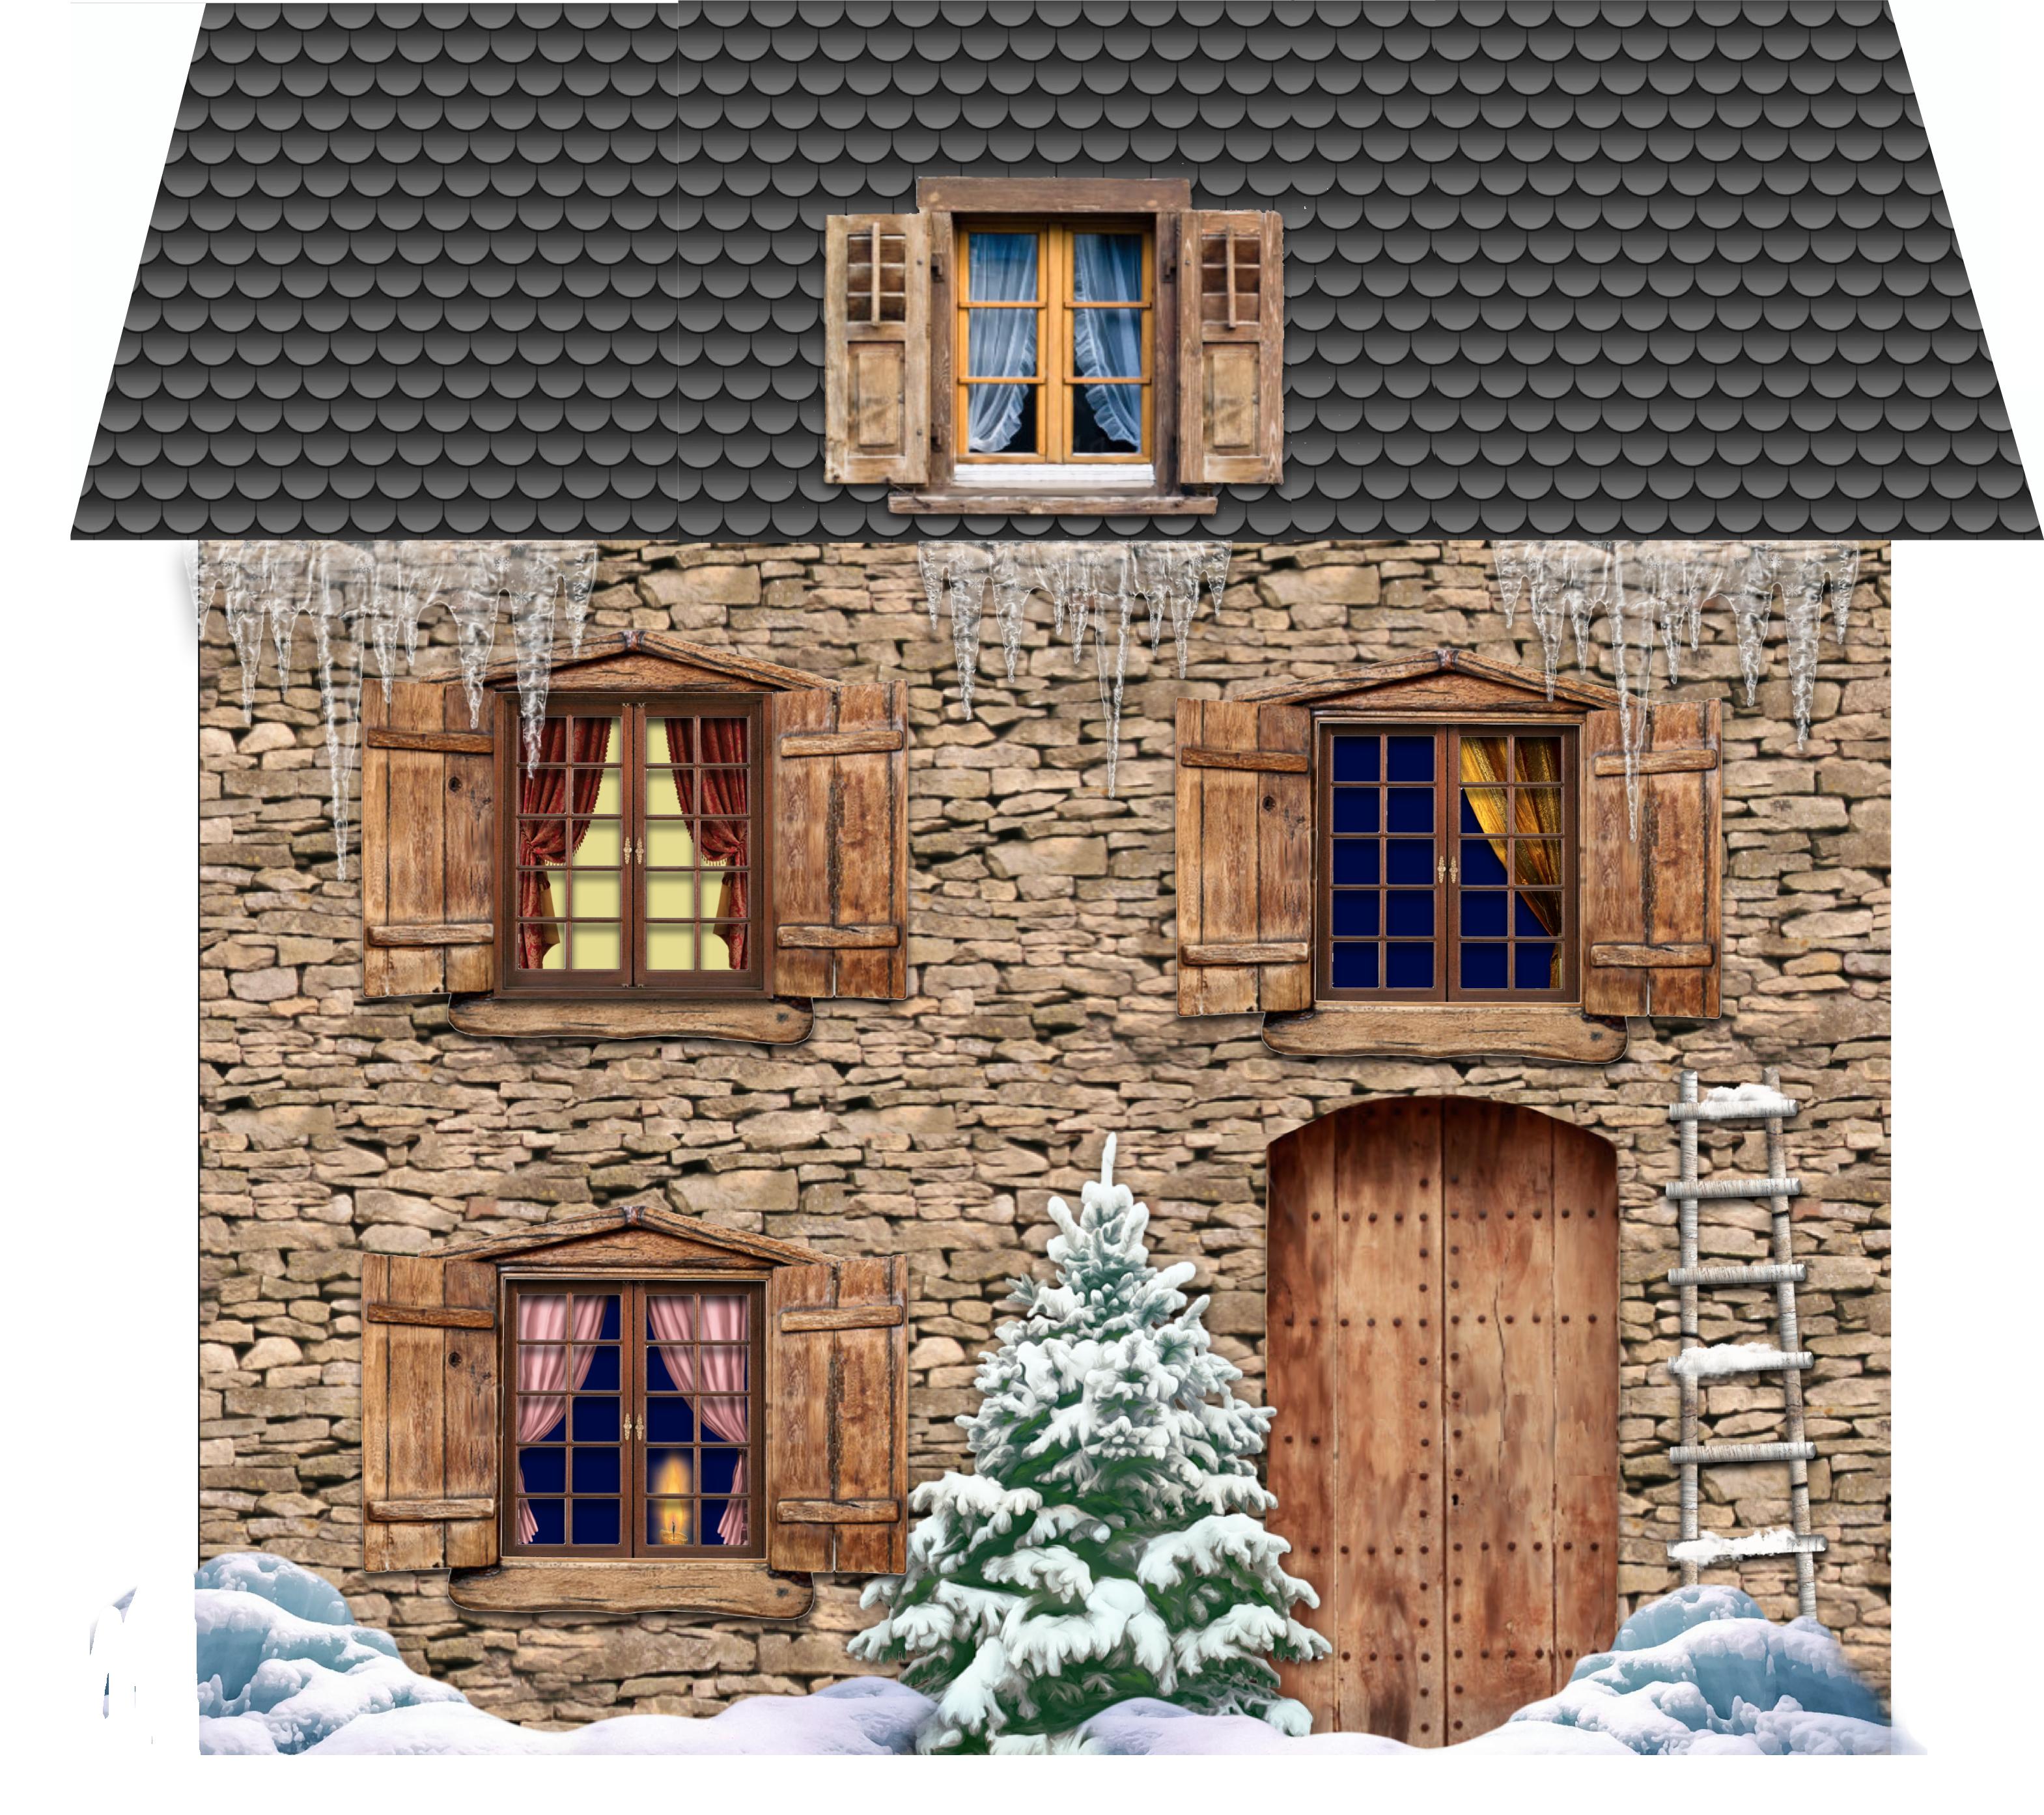 De nouvelles petites maisons de no l ou pas babanew - Petites images de noel ...